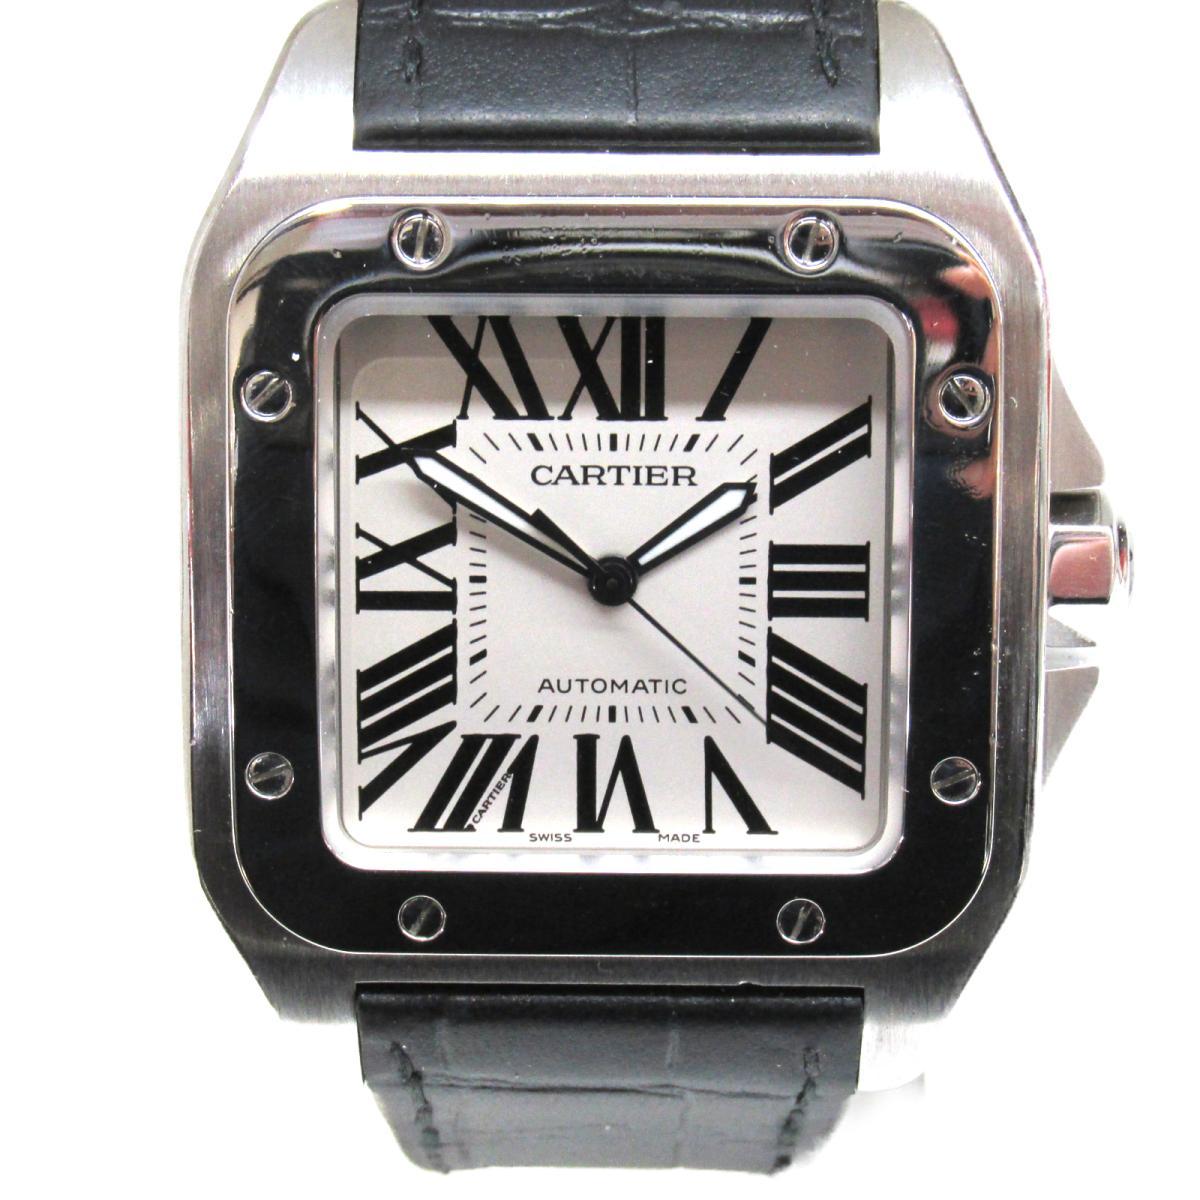 ≪期間限定≫メルマガ登録でクーポンGET! 【中古】 カルティエ サントス 100 腕時計 ウォッチ メンズ ステンレススチール (SS) レザーベルト (W20076 8) | Cartier BRANDOFF ブランドオフ ブランド ブランド時計 ブランド腕時計 時計